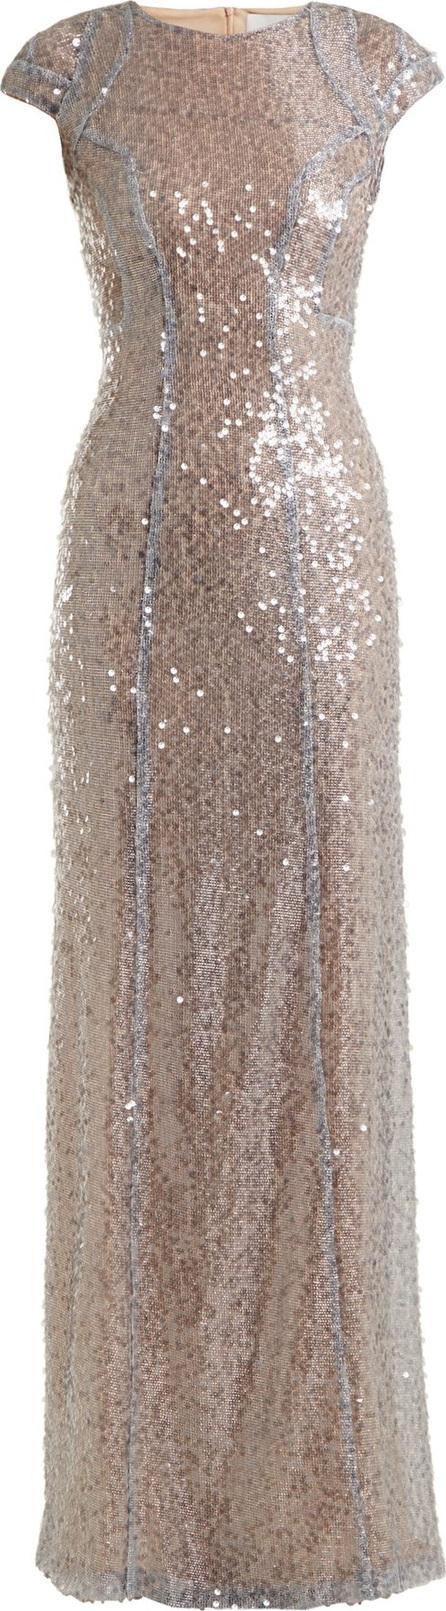 Galvan Estrella cap-sleeved sequin-embellished gown